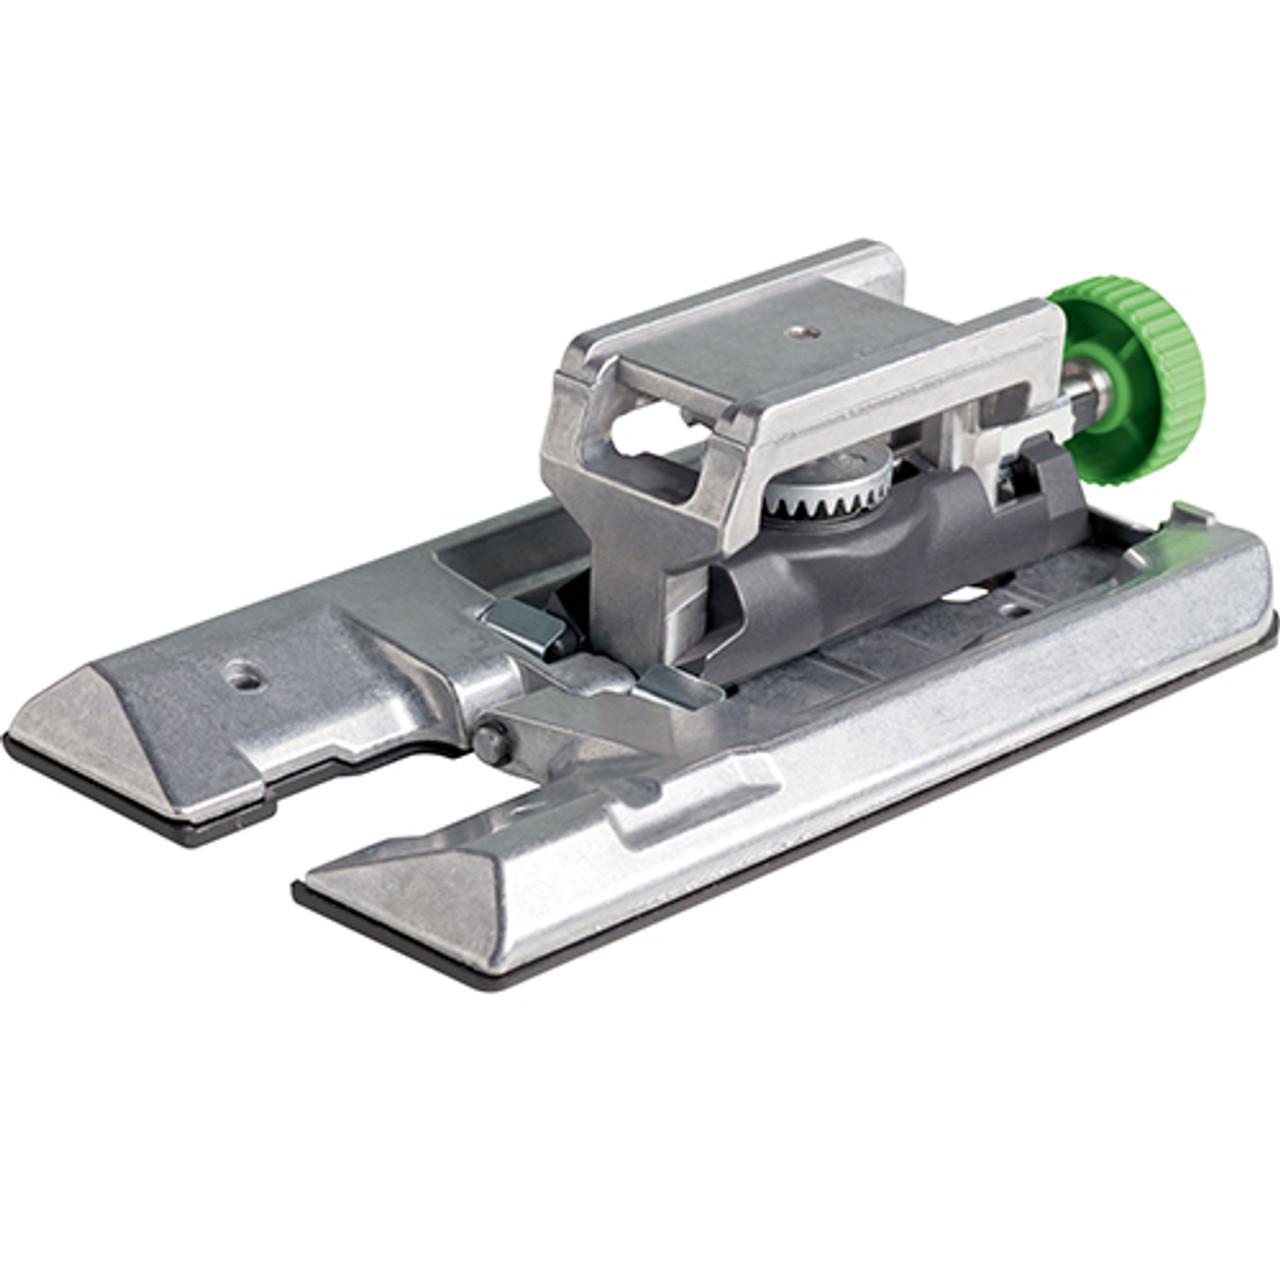 Festool Carvex Jigsaw Angle Base